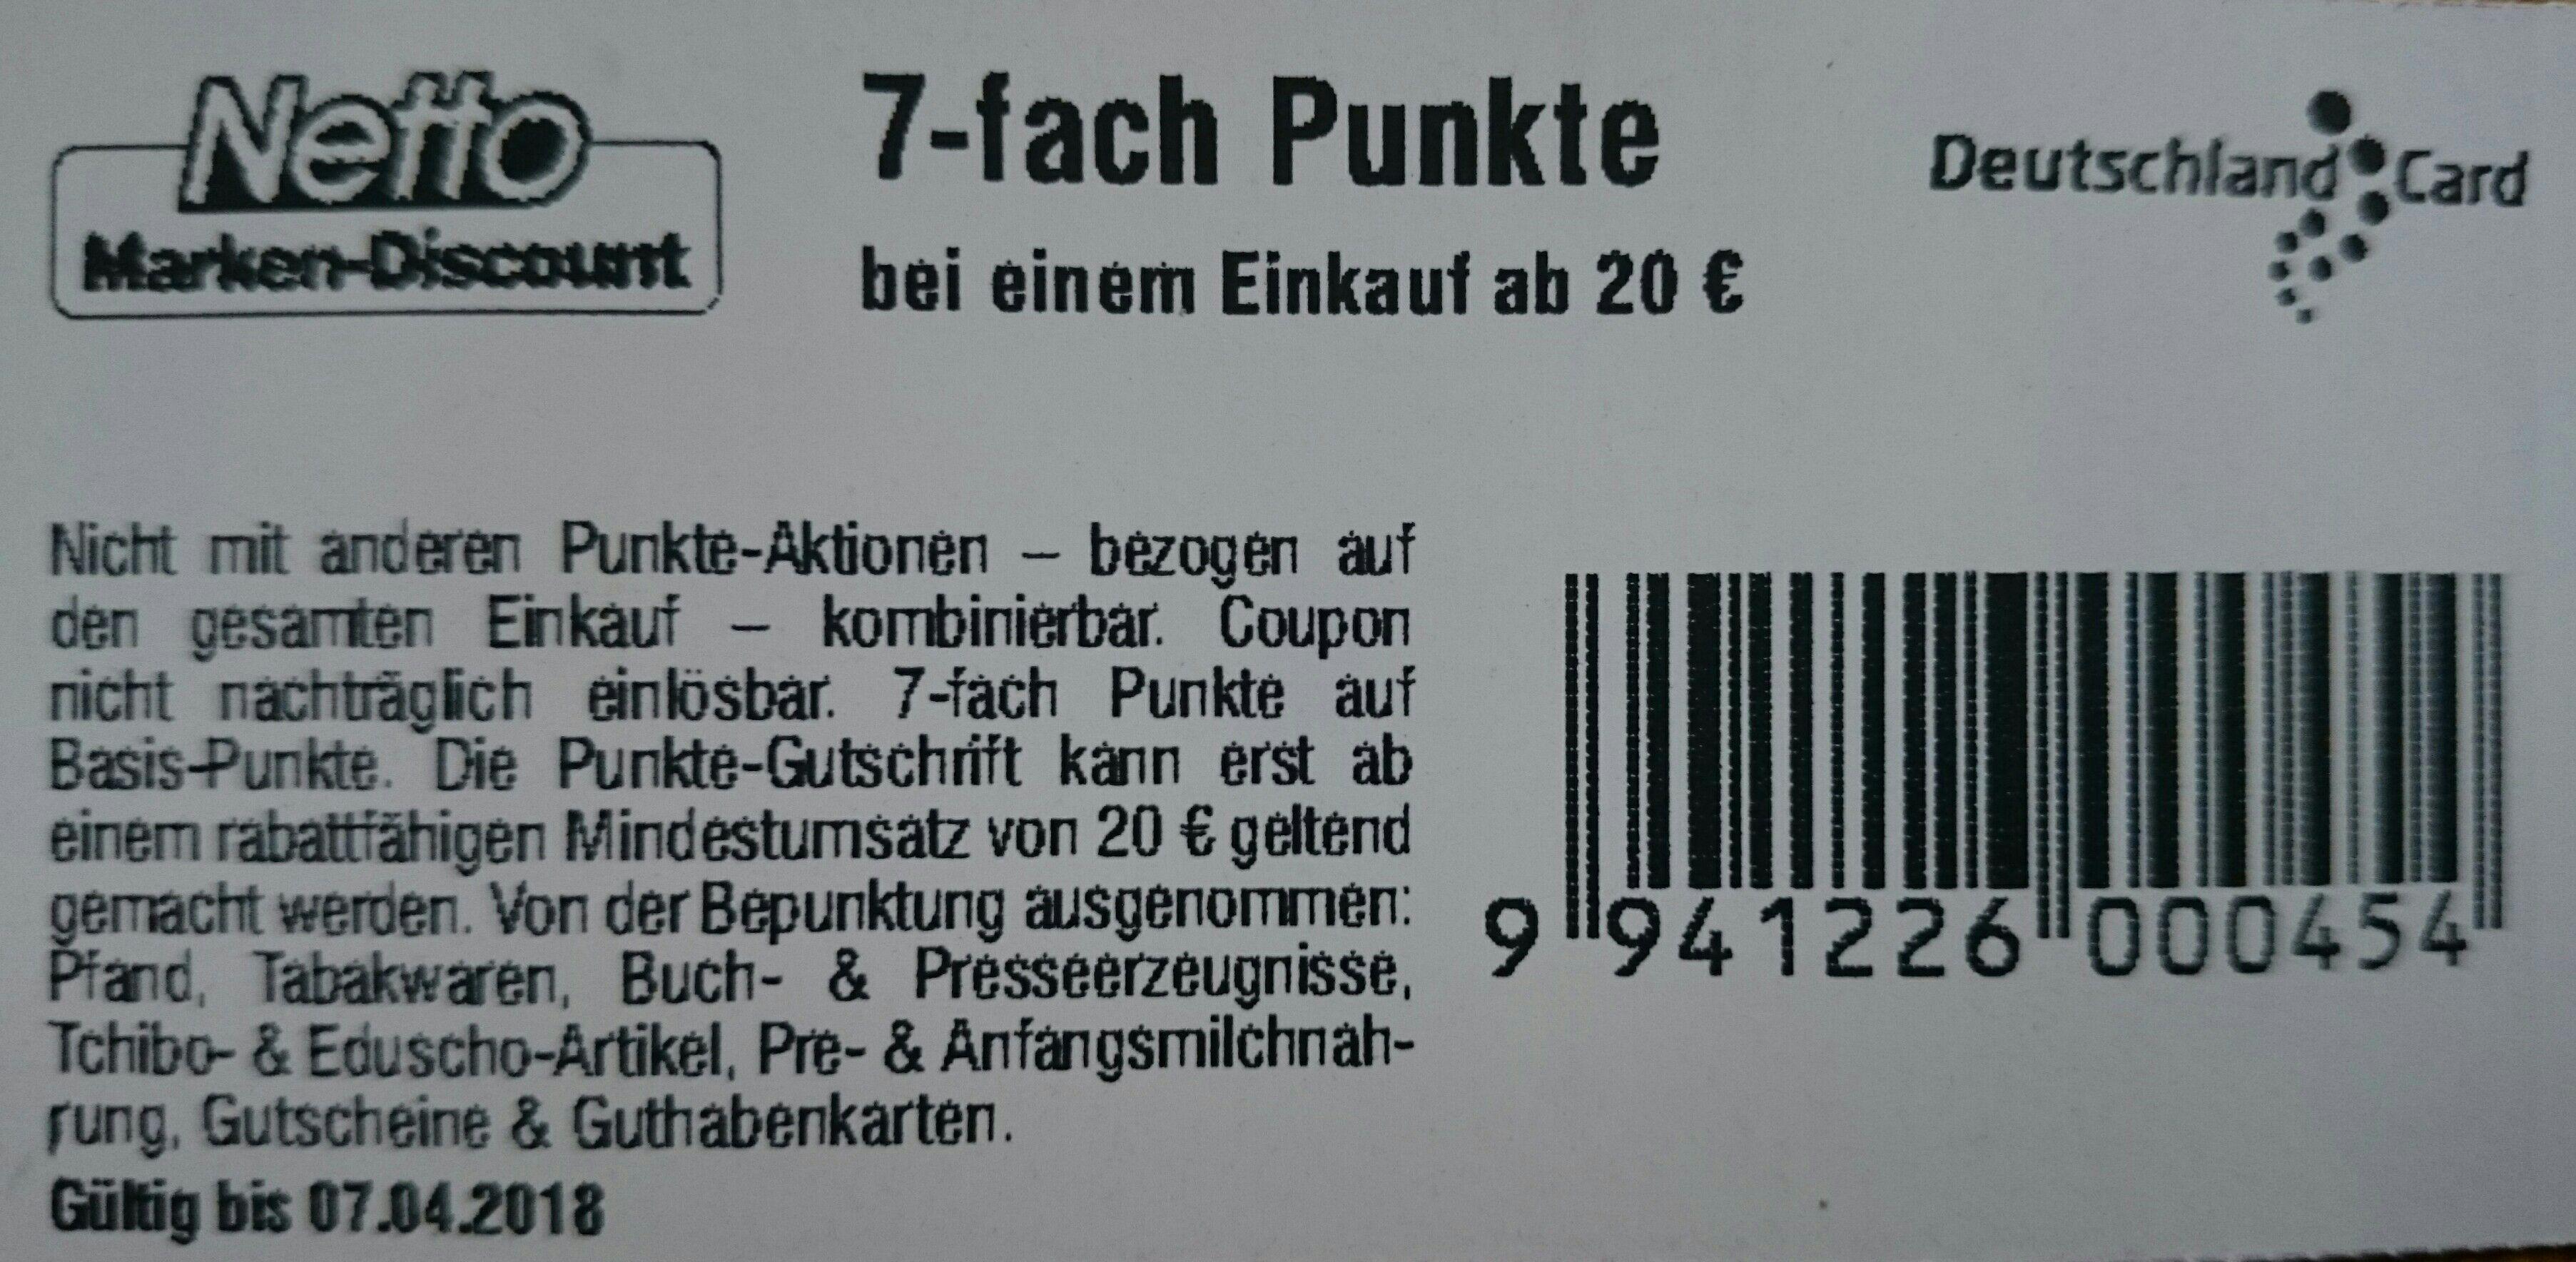 7-fach Deutschland Card Punkte bei Netto MD ab 20€ Einkauf